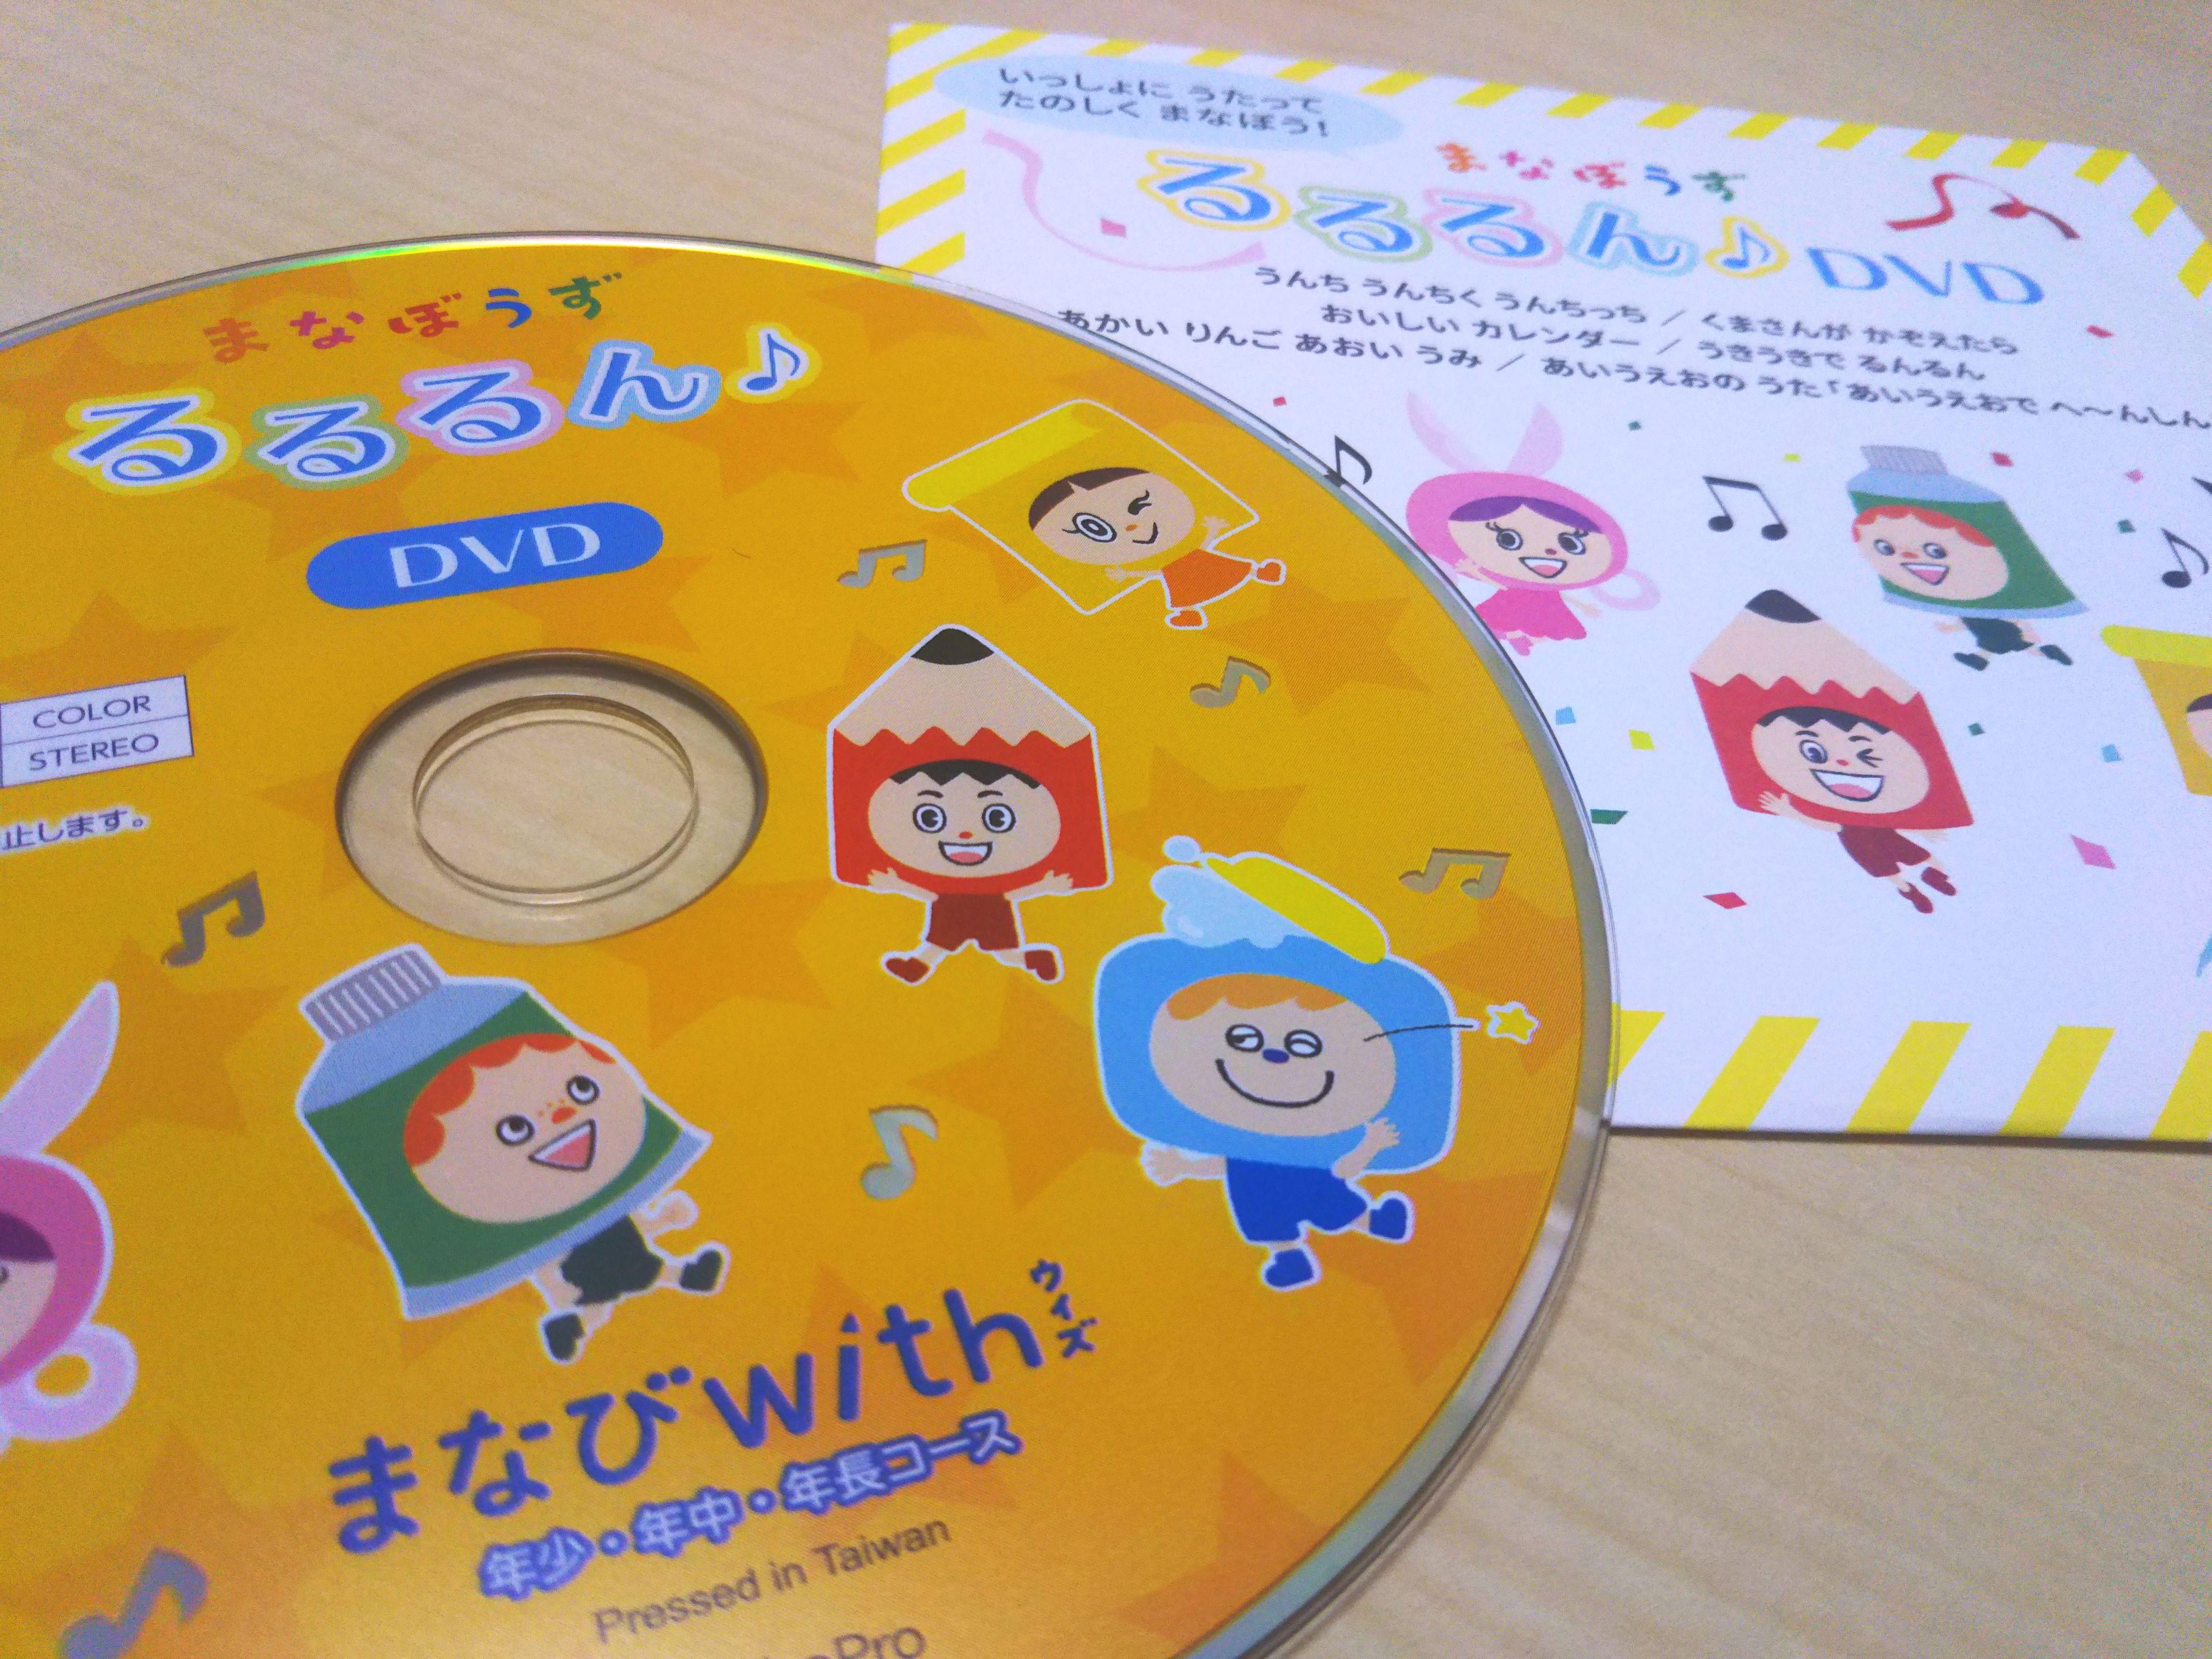 まなびwith 幼児コースの資料請求で届く、まなびソングDVDがオススメなのでご紹介します!